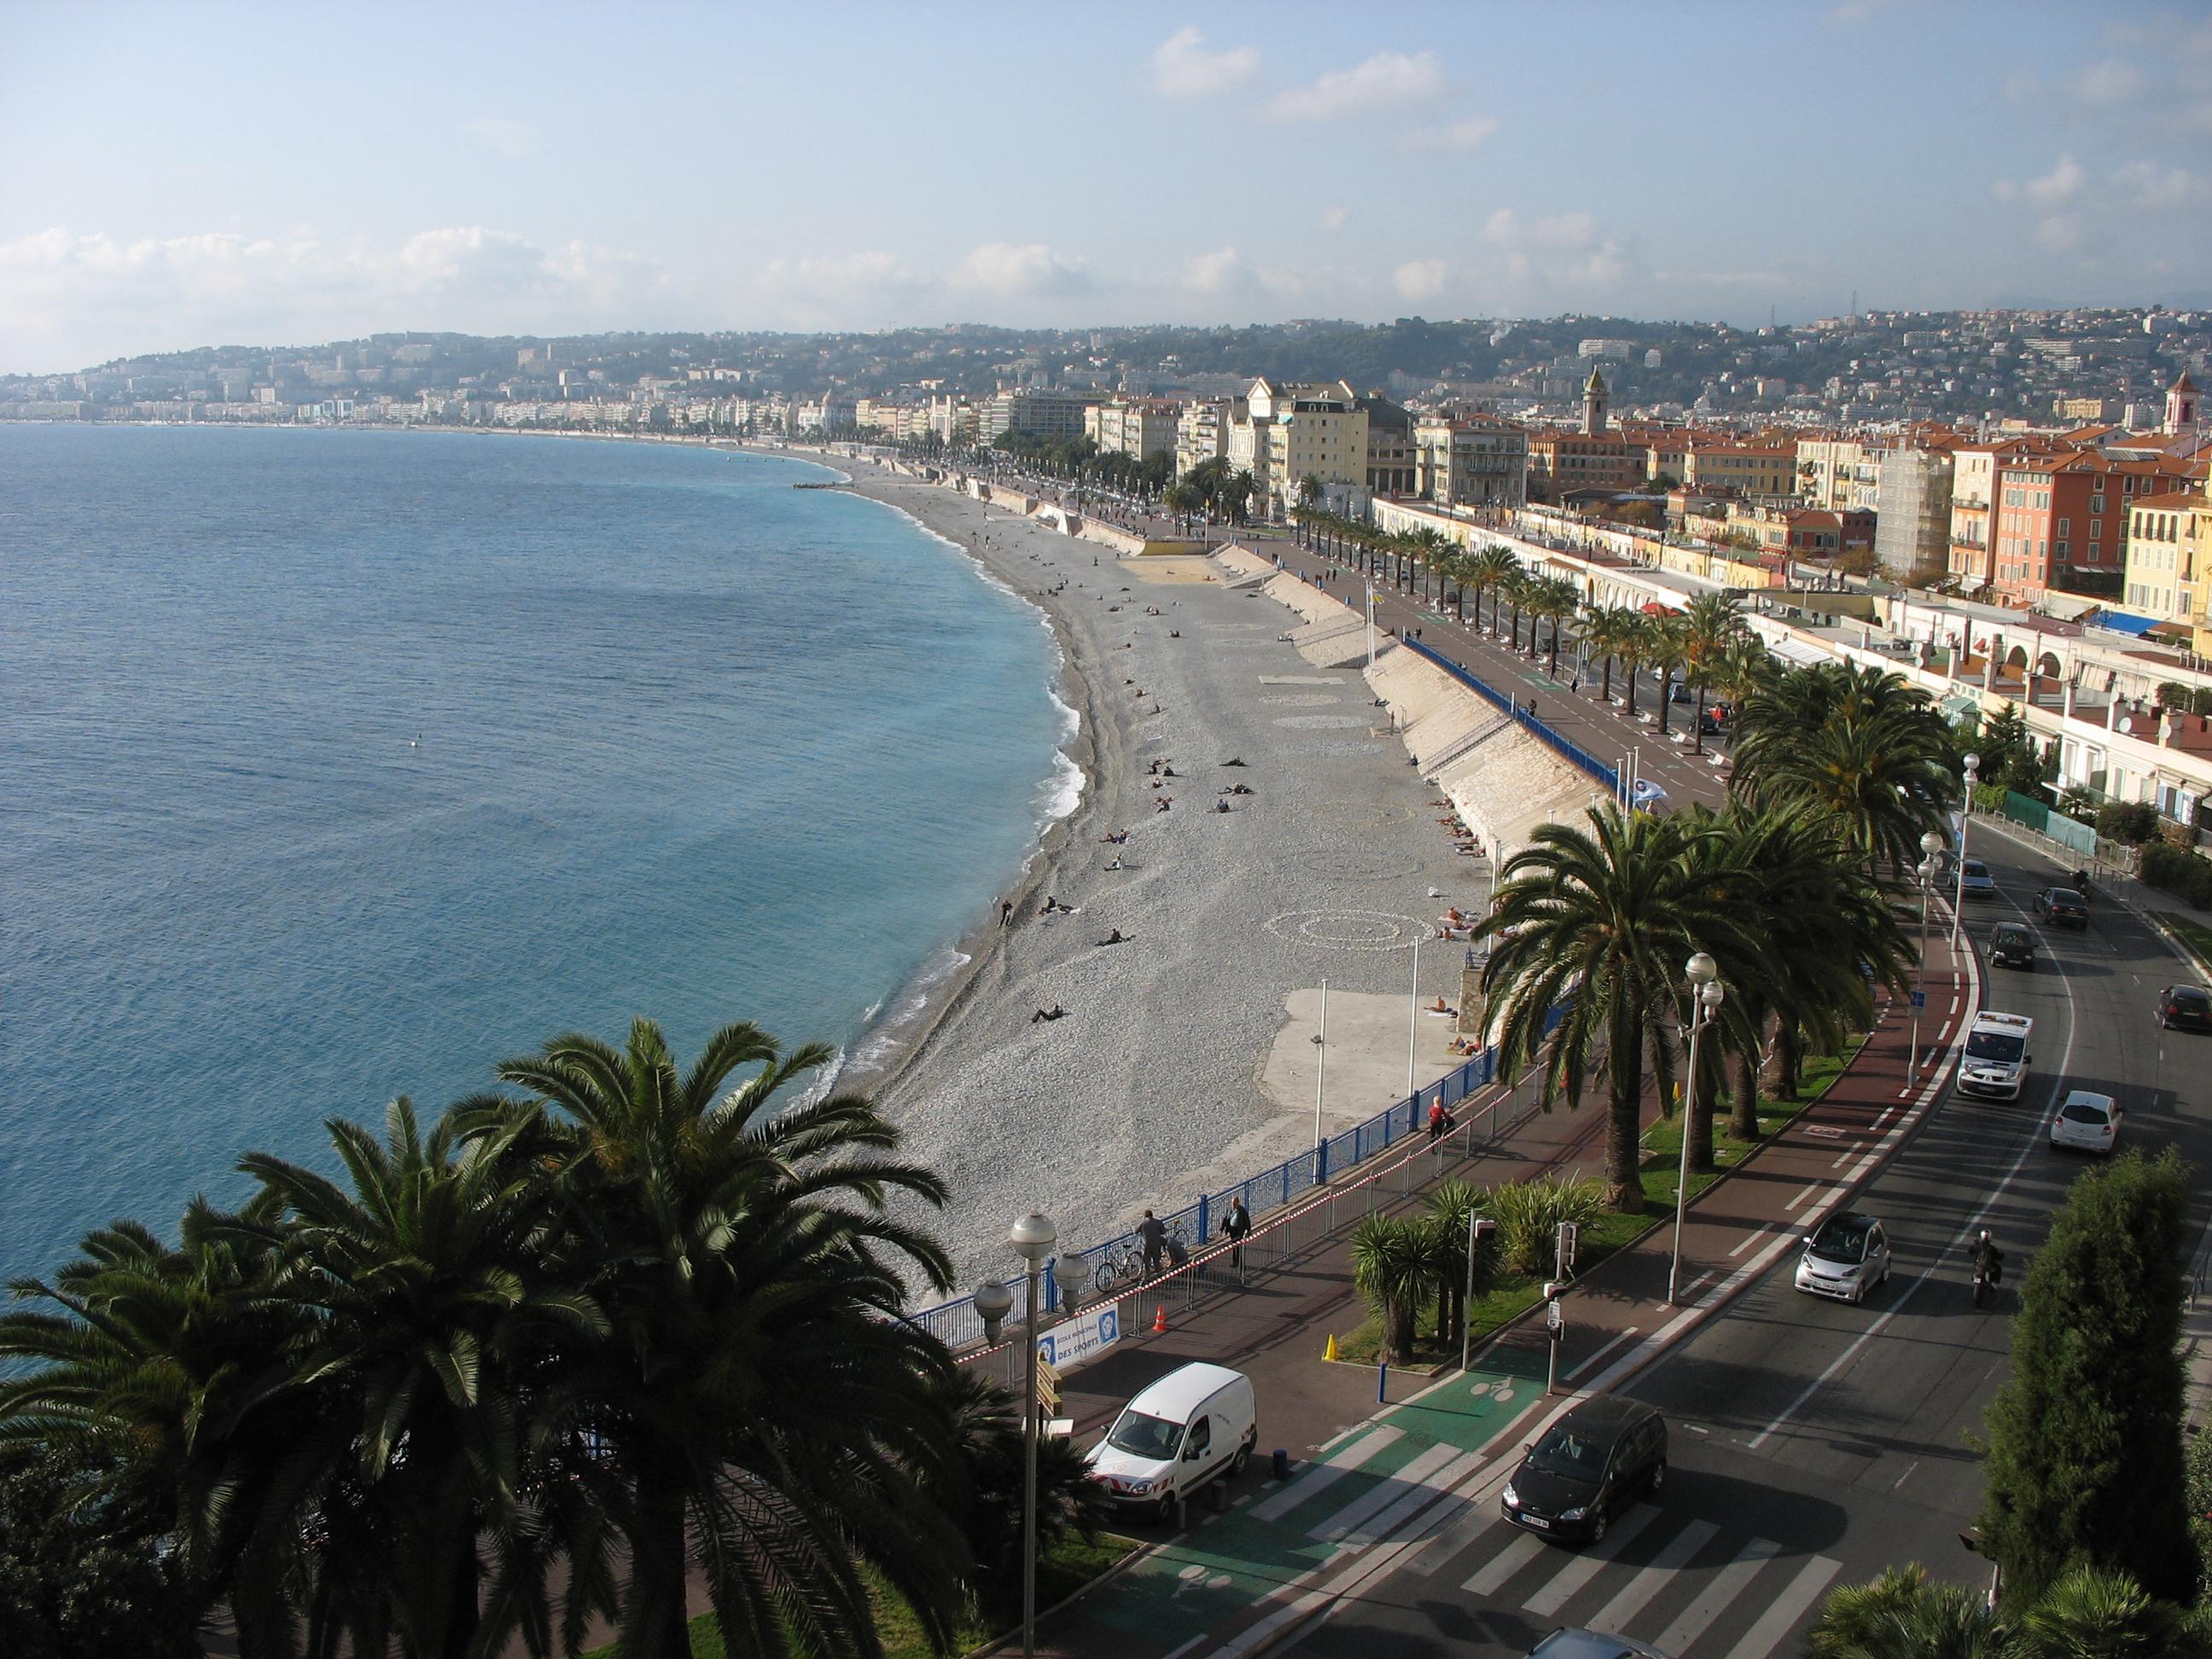 Gap Year Program - EF Language Year Abroad in Nice  1